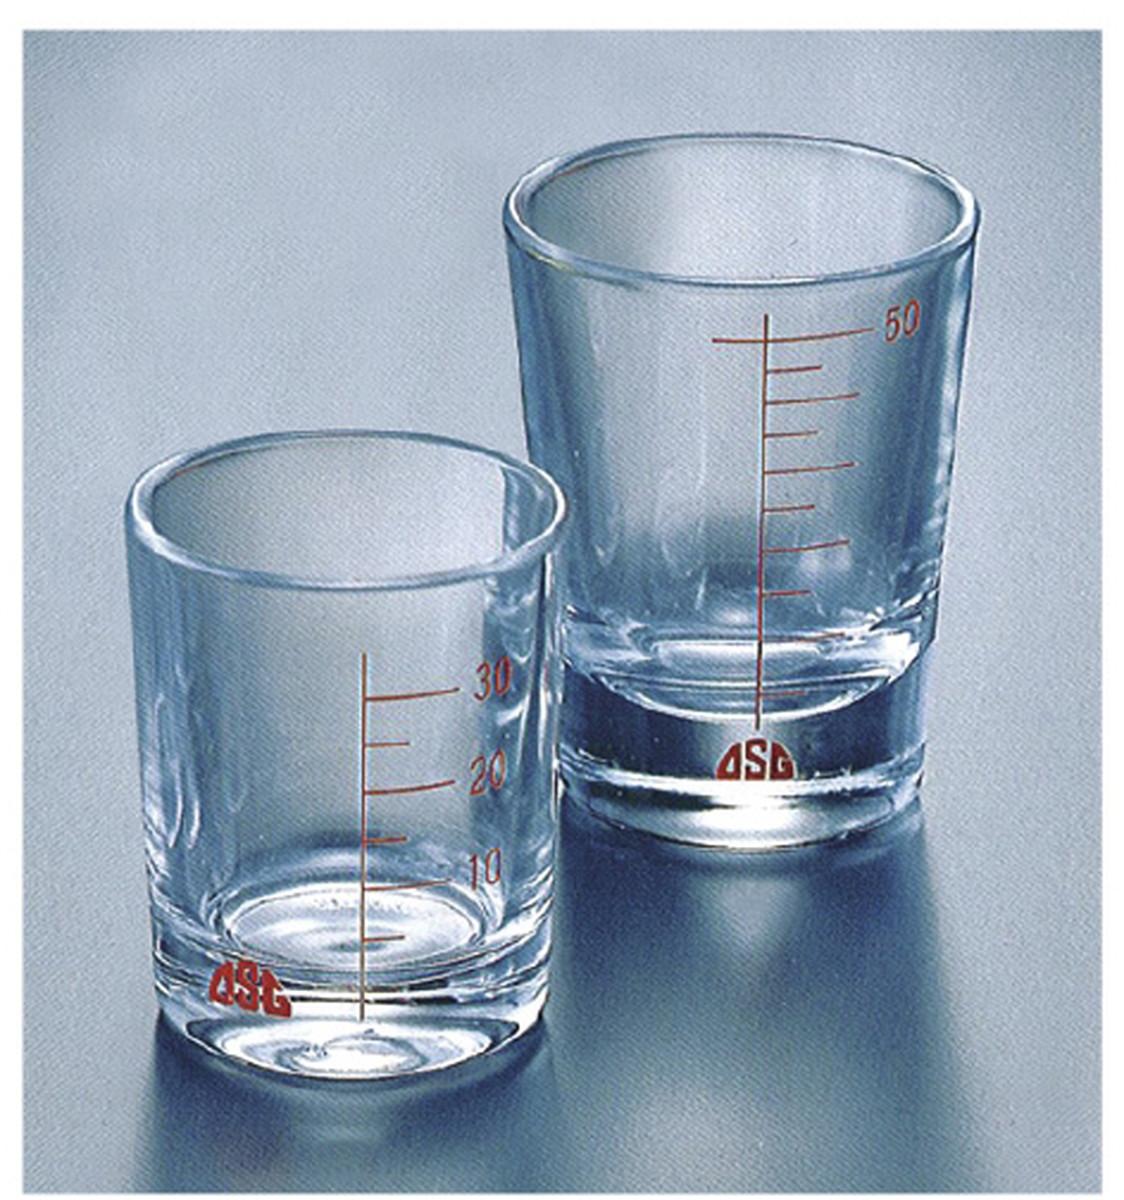 【送料無料】-薬杯(ガラス製) 50ML 品番 my24-2709-01-- 12入り-【MY医科器機】JAN 4963972313195